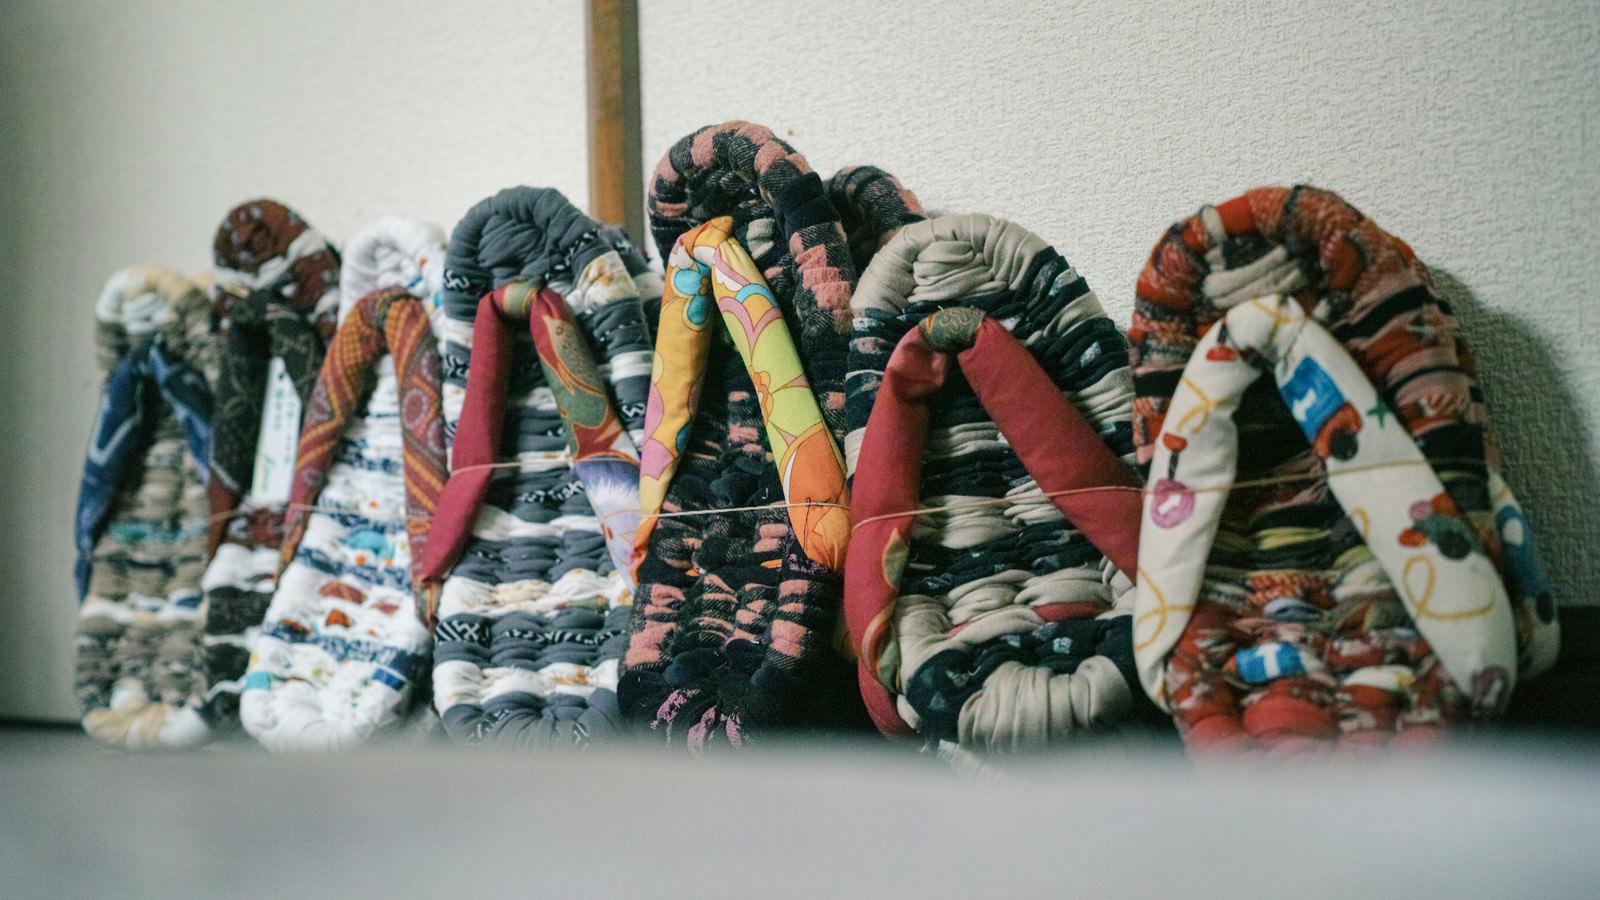 「壁に立てかけられた布草履」の写真